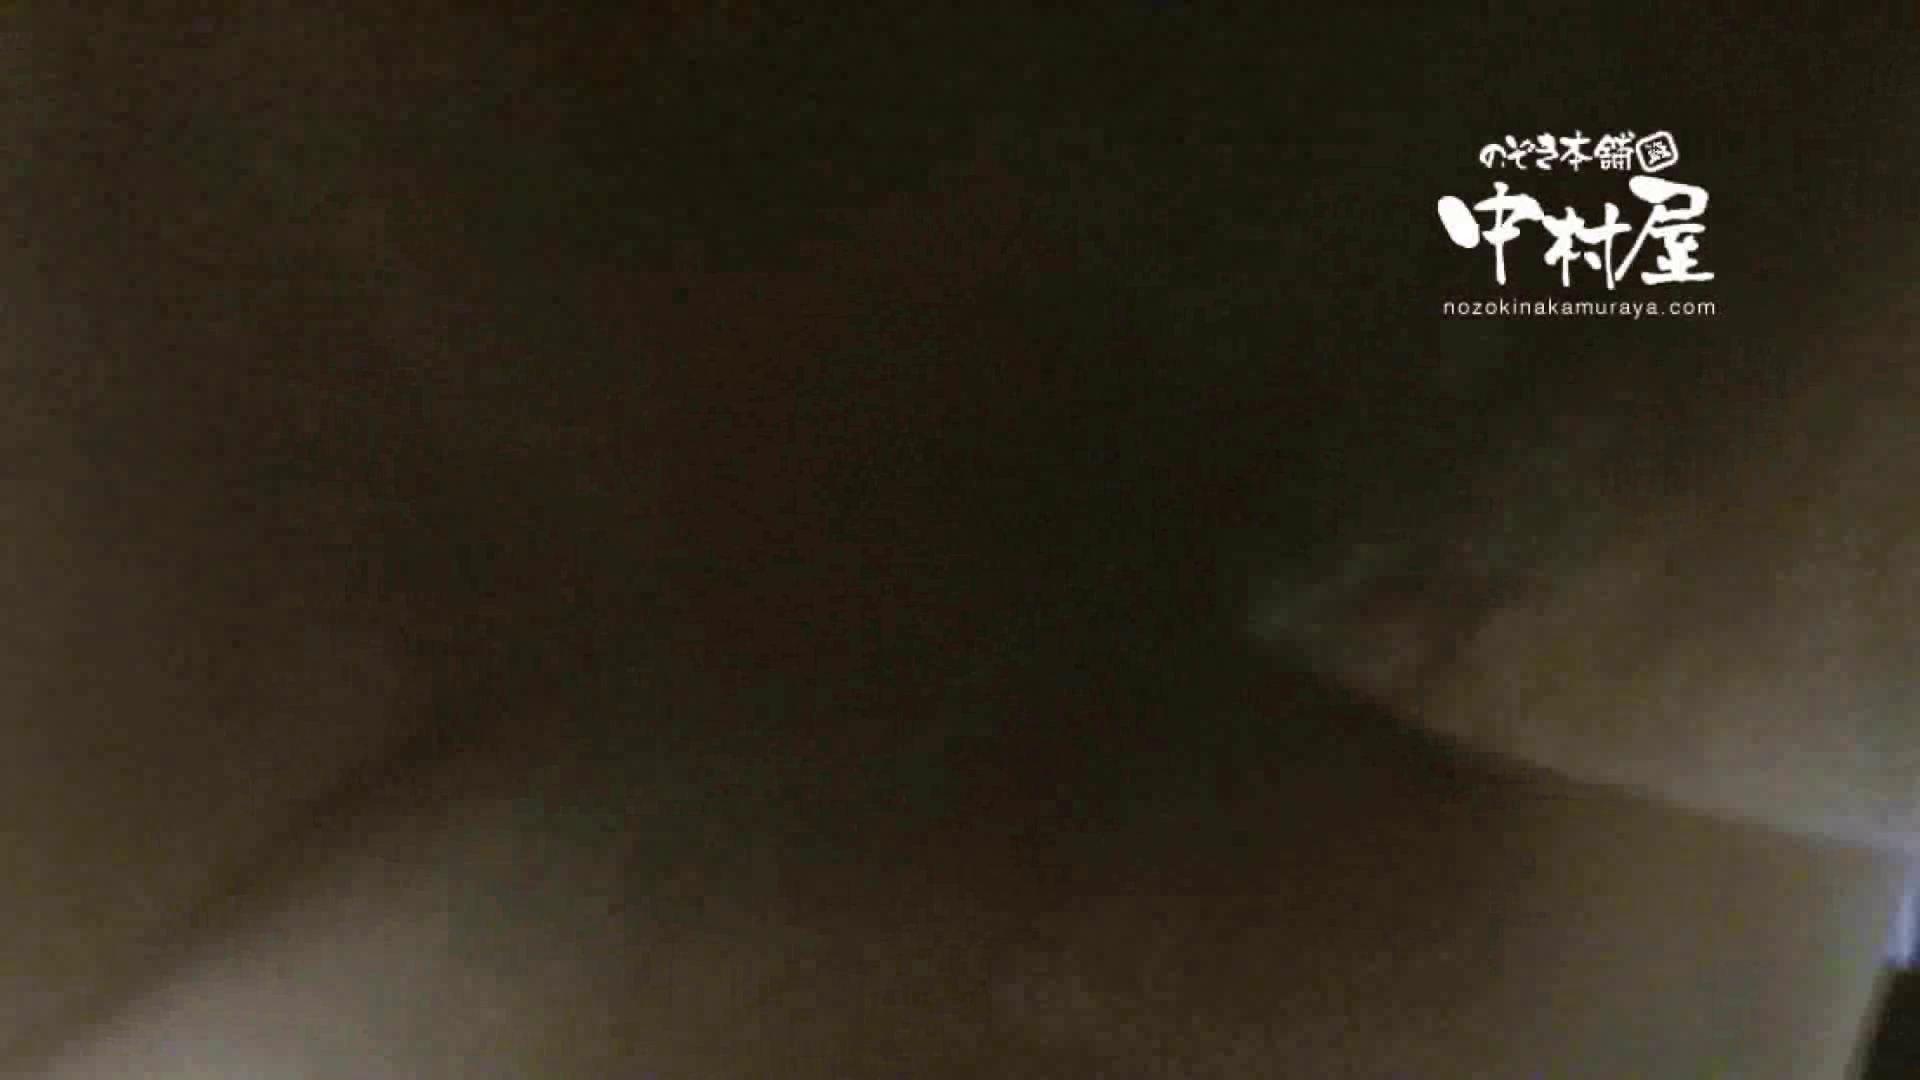 鬼畜 vol.18 居酒屋バイト時代の同僚に中出ししてみる 後編 鬼畜 | 中出し  97PIX 69